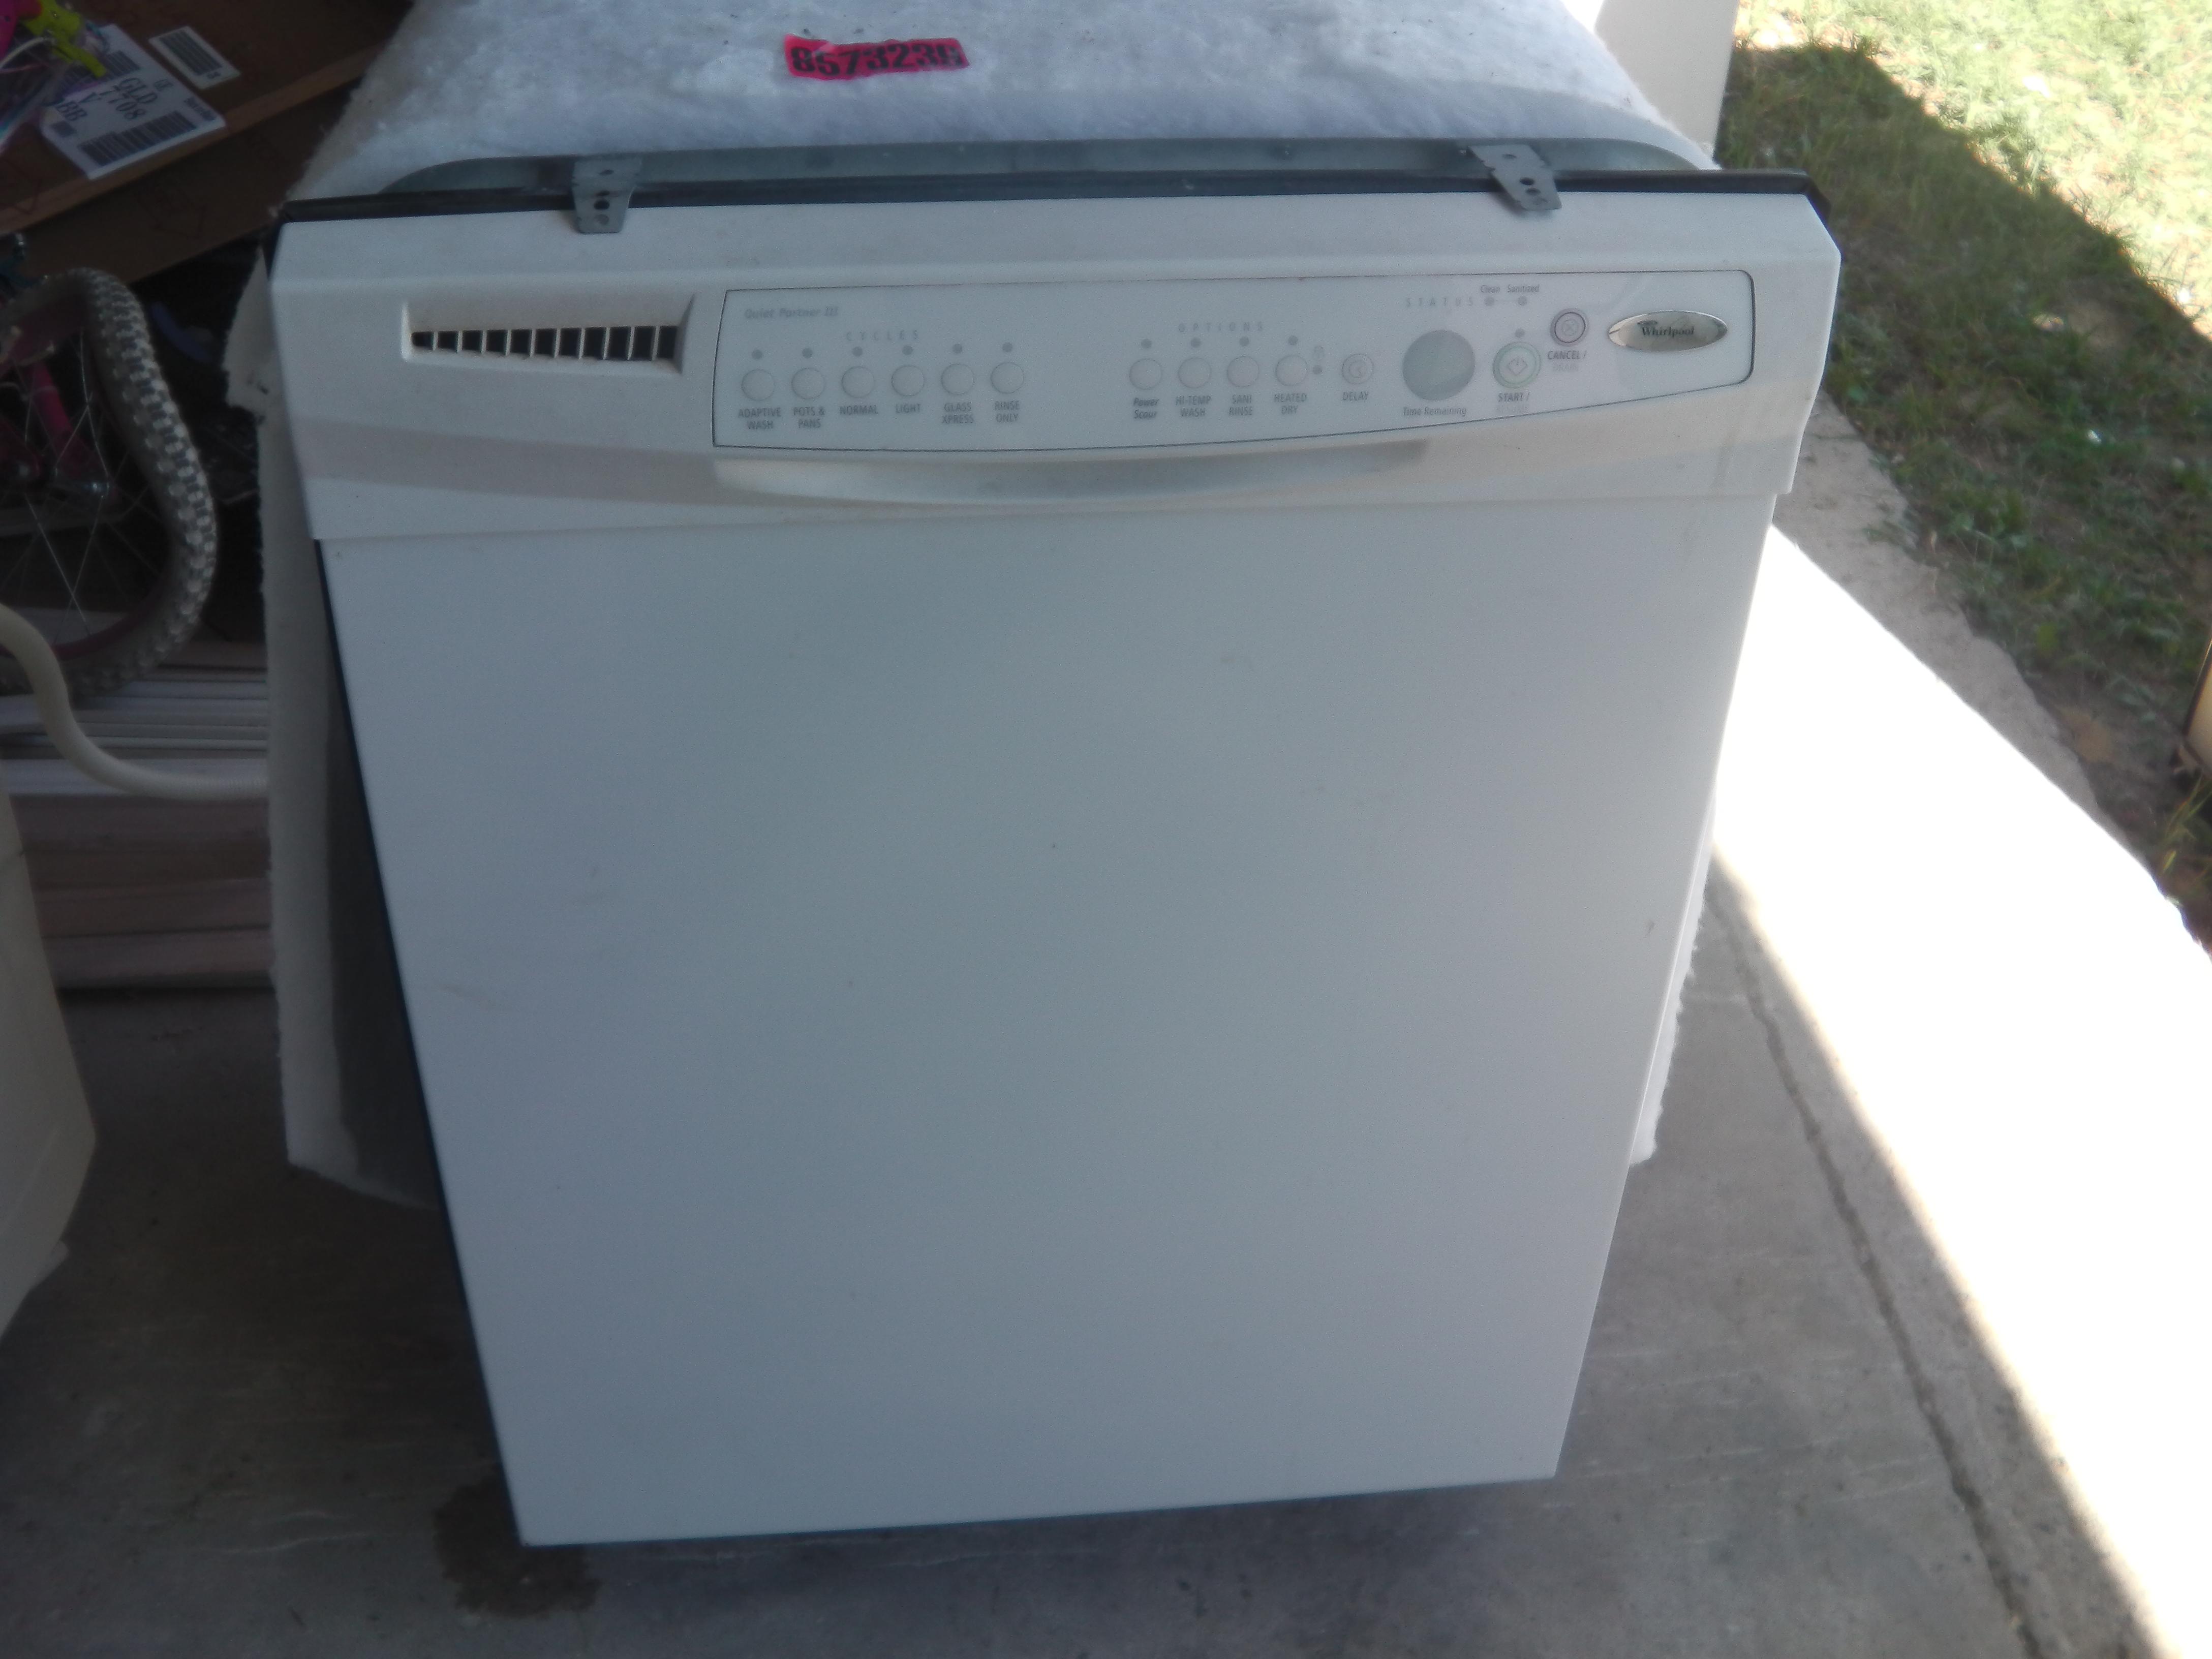 Whirpool Gold Dishwasher -